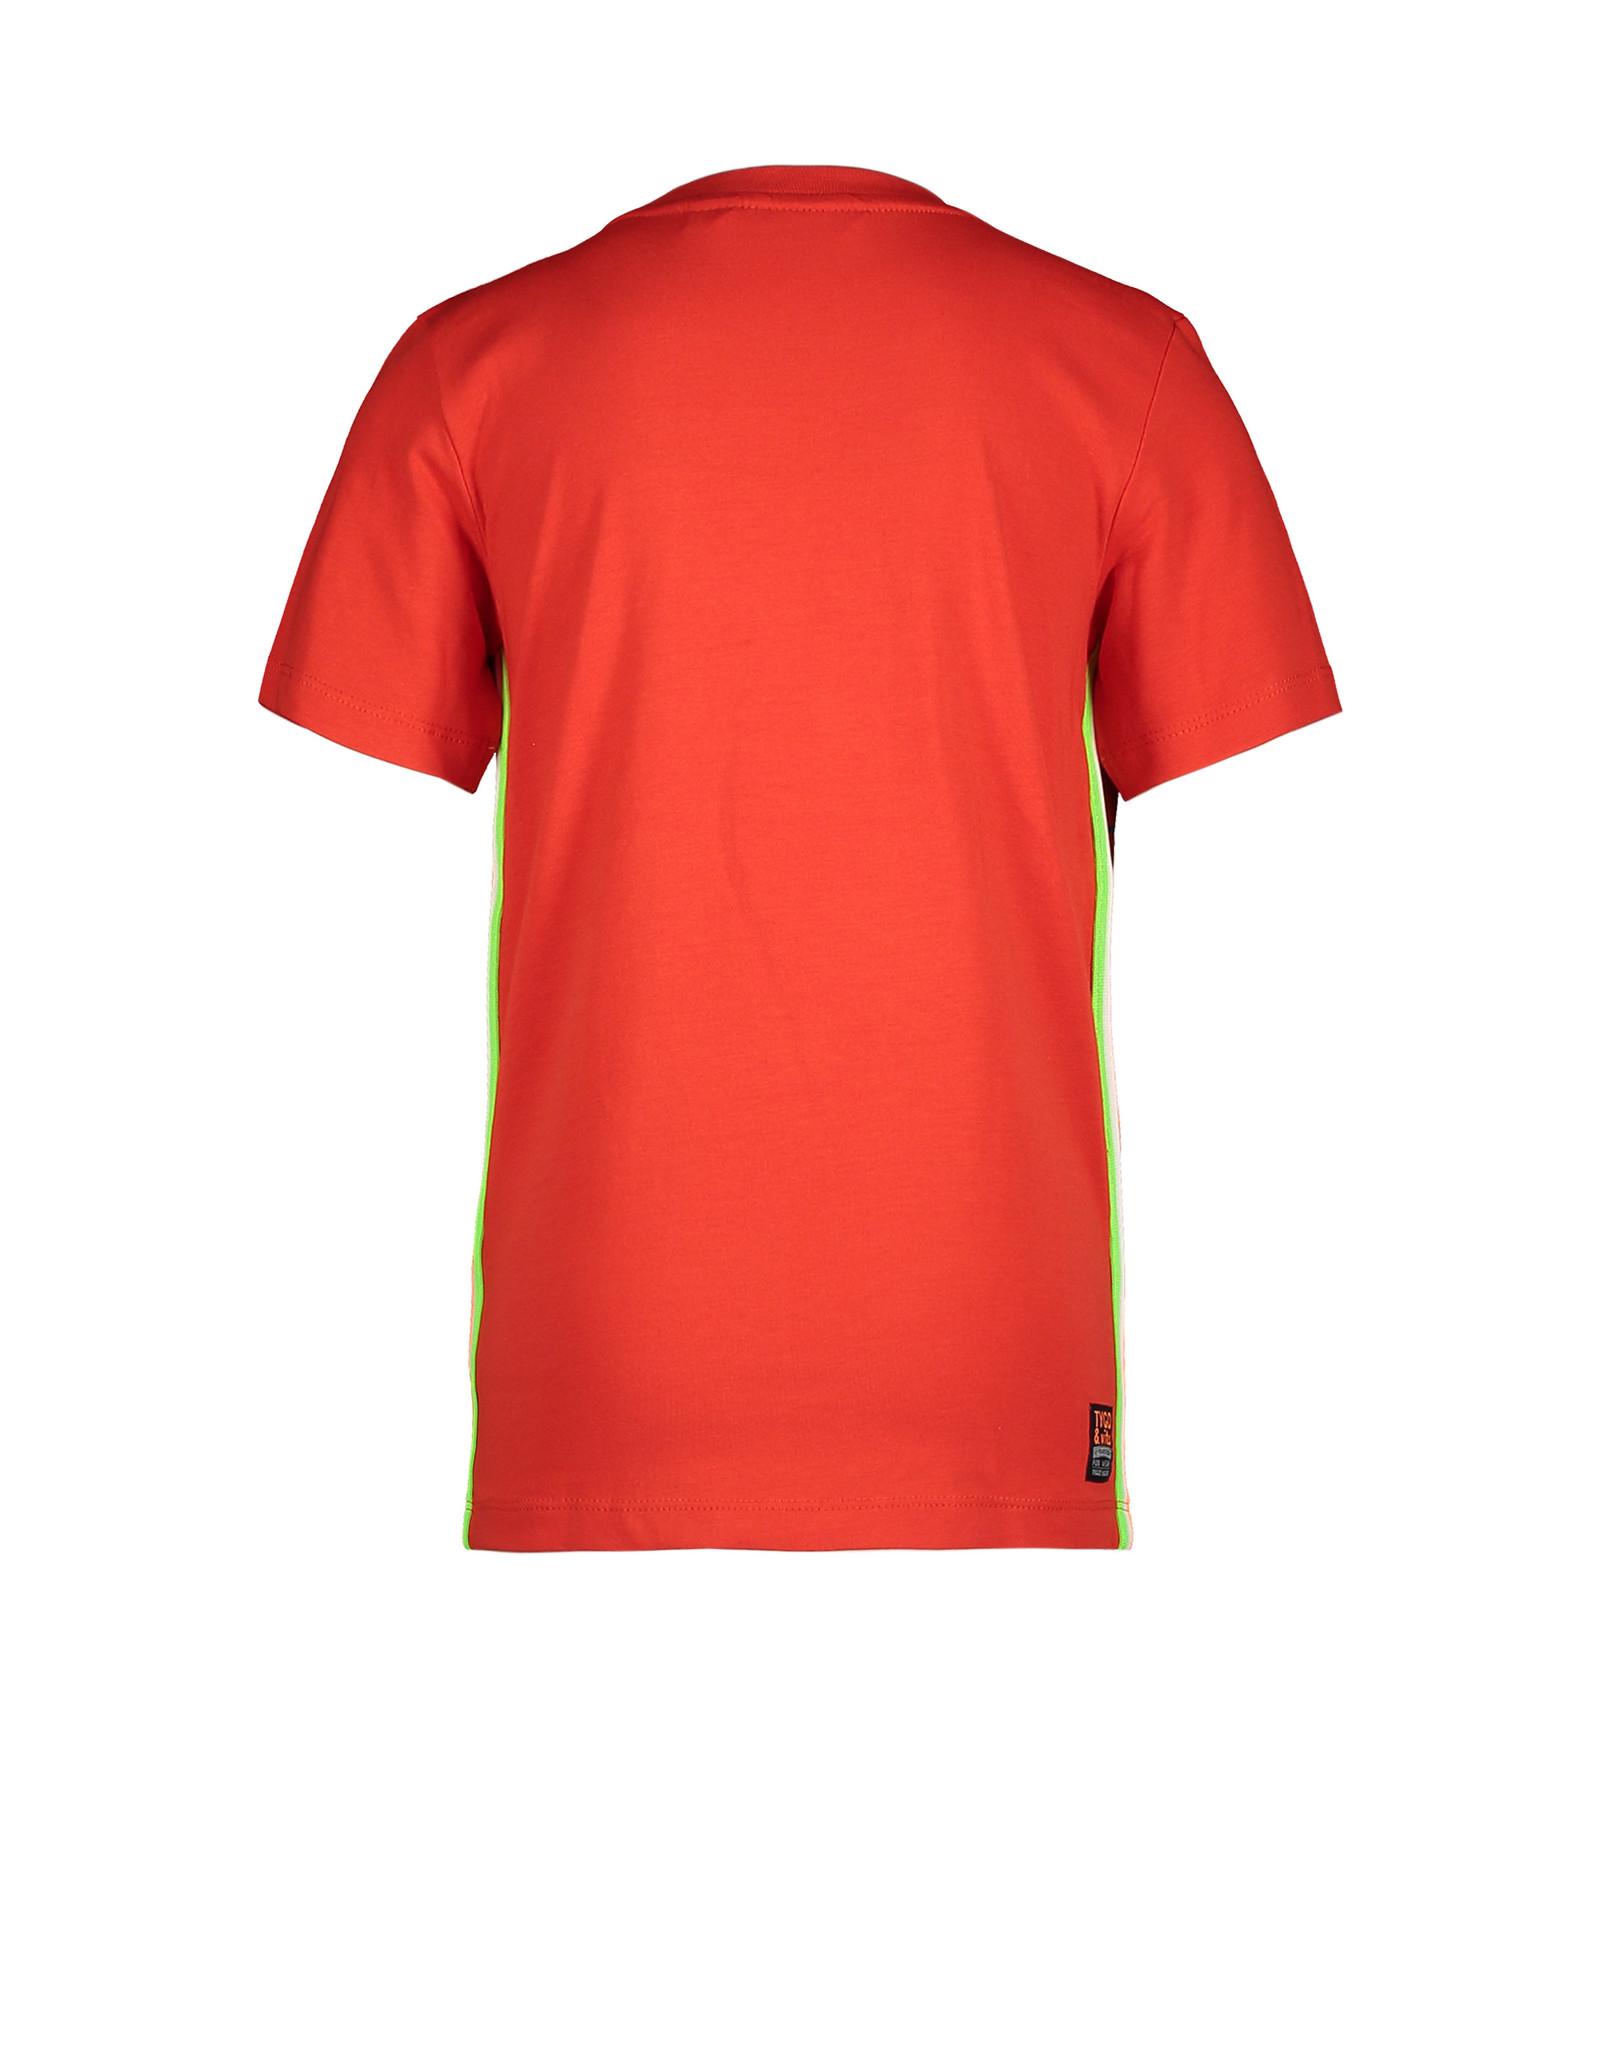 Tygo & Vito T&v T-shirt NEXTERDAY FOOTBALL